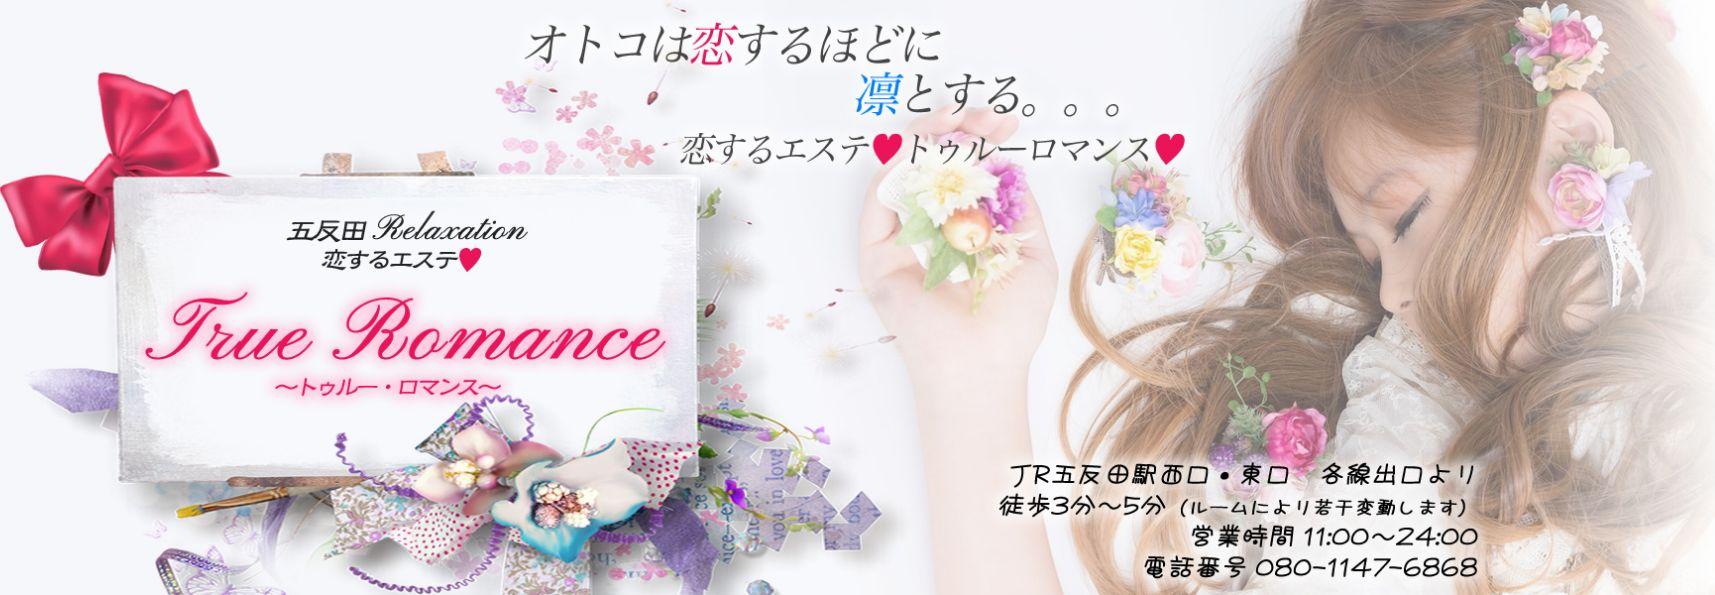 【気になる!】五反田 True Romance~トゥルーロマンス